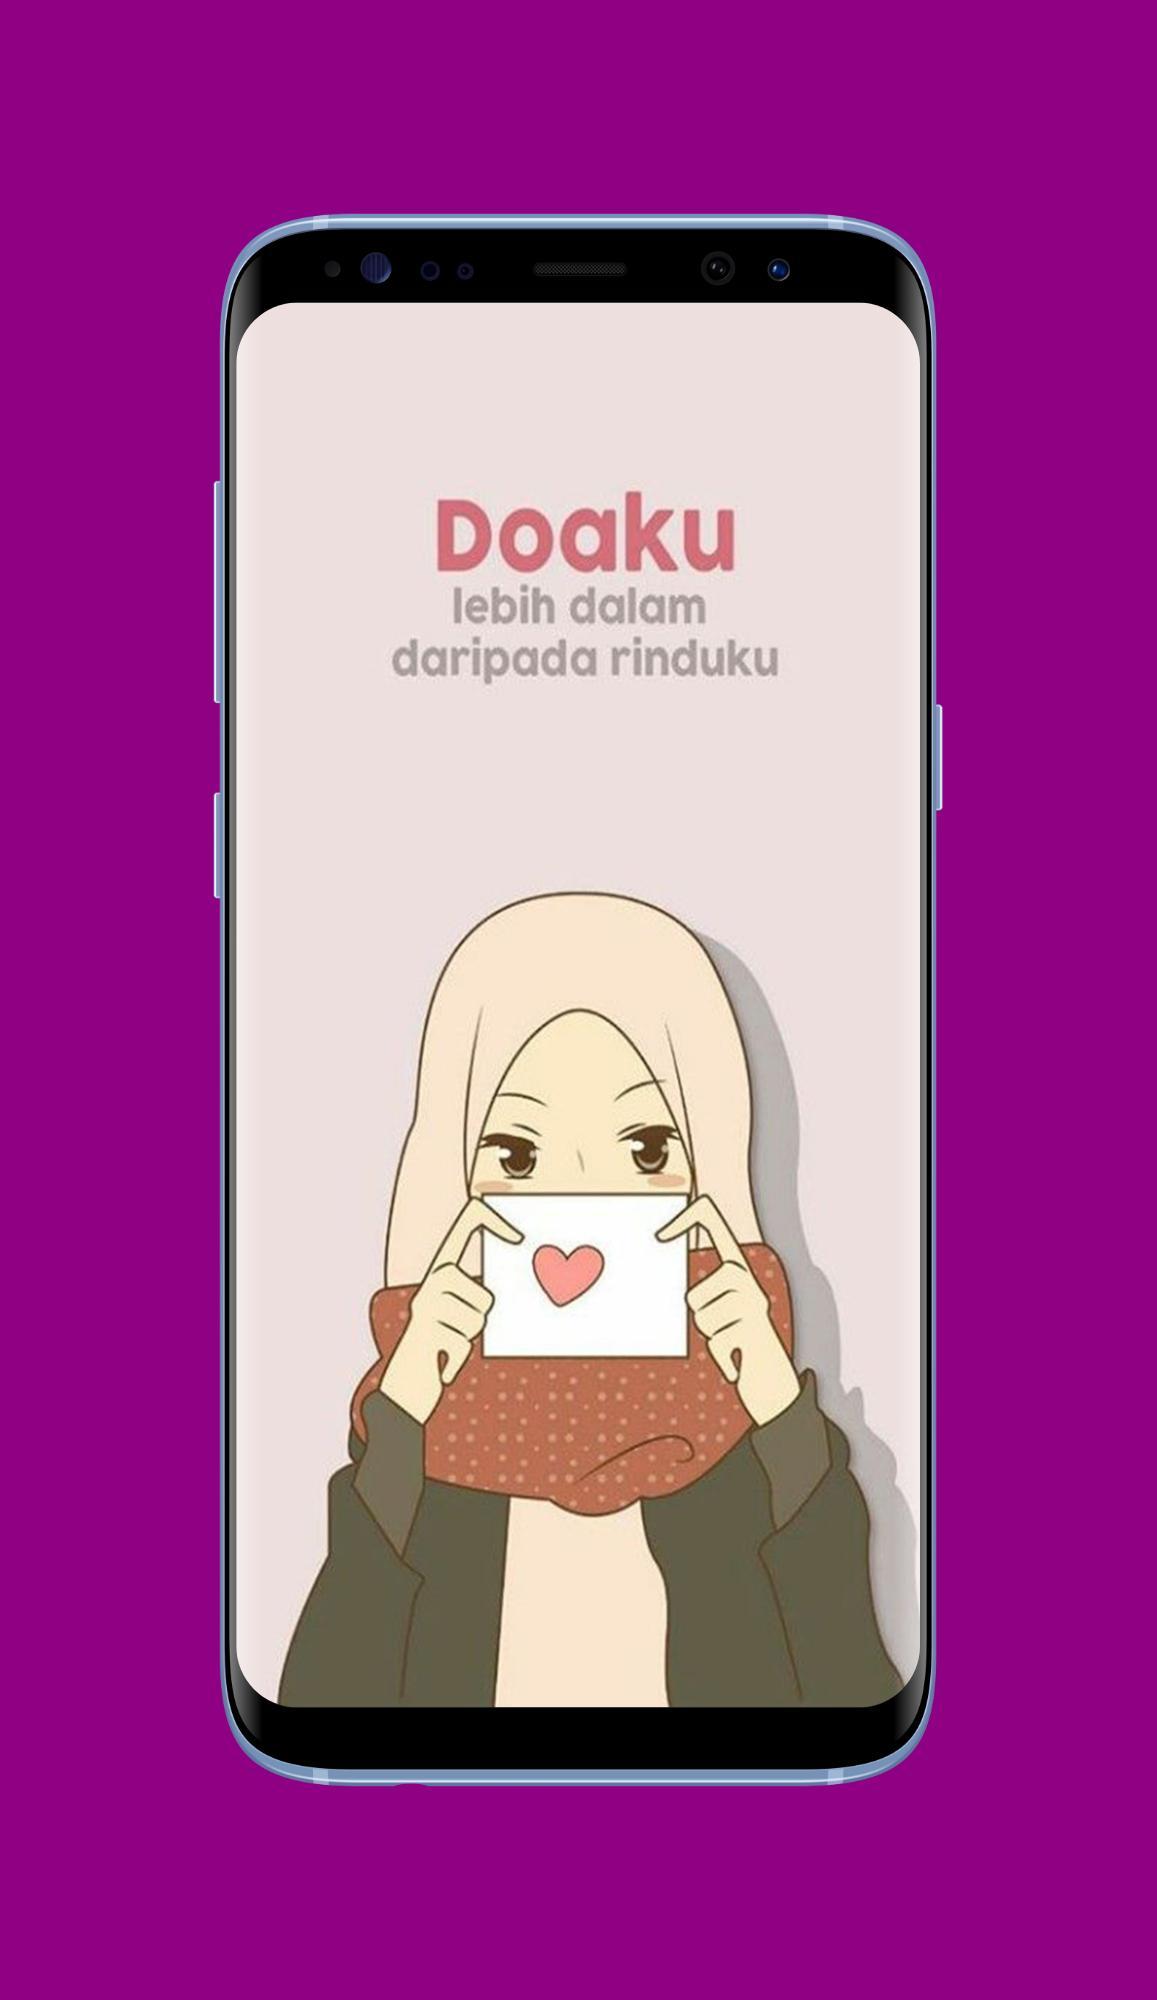 Wallpaper Wanita Muslimah For Android APK Download